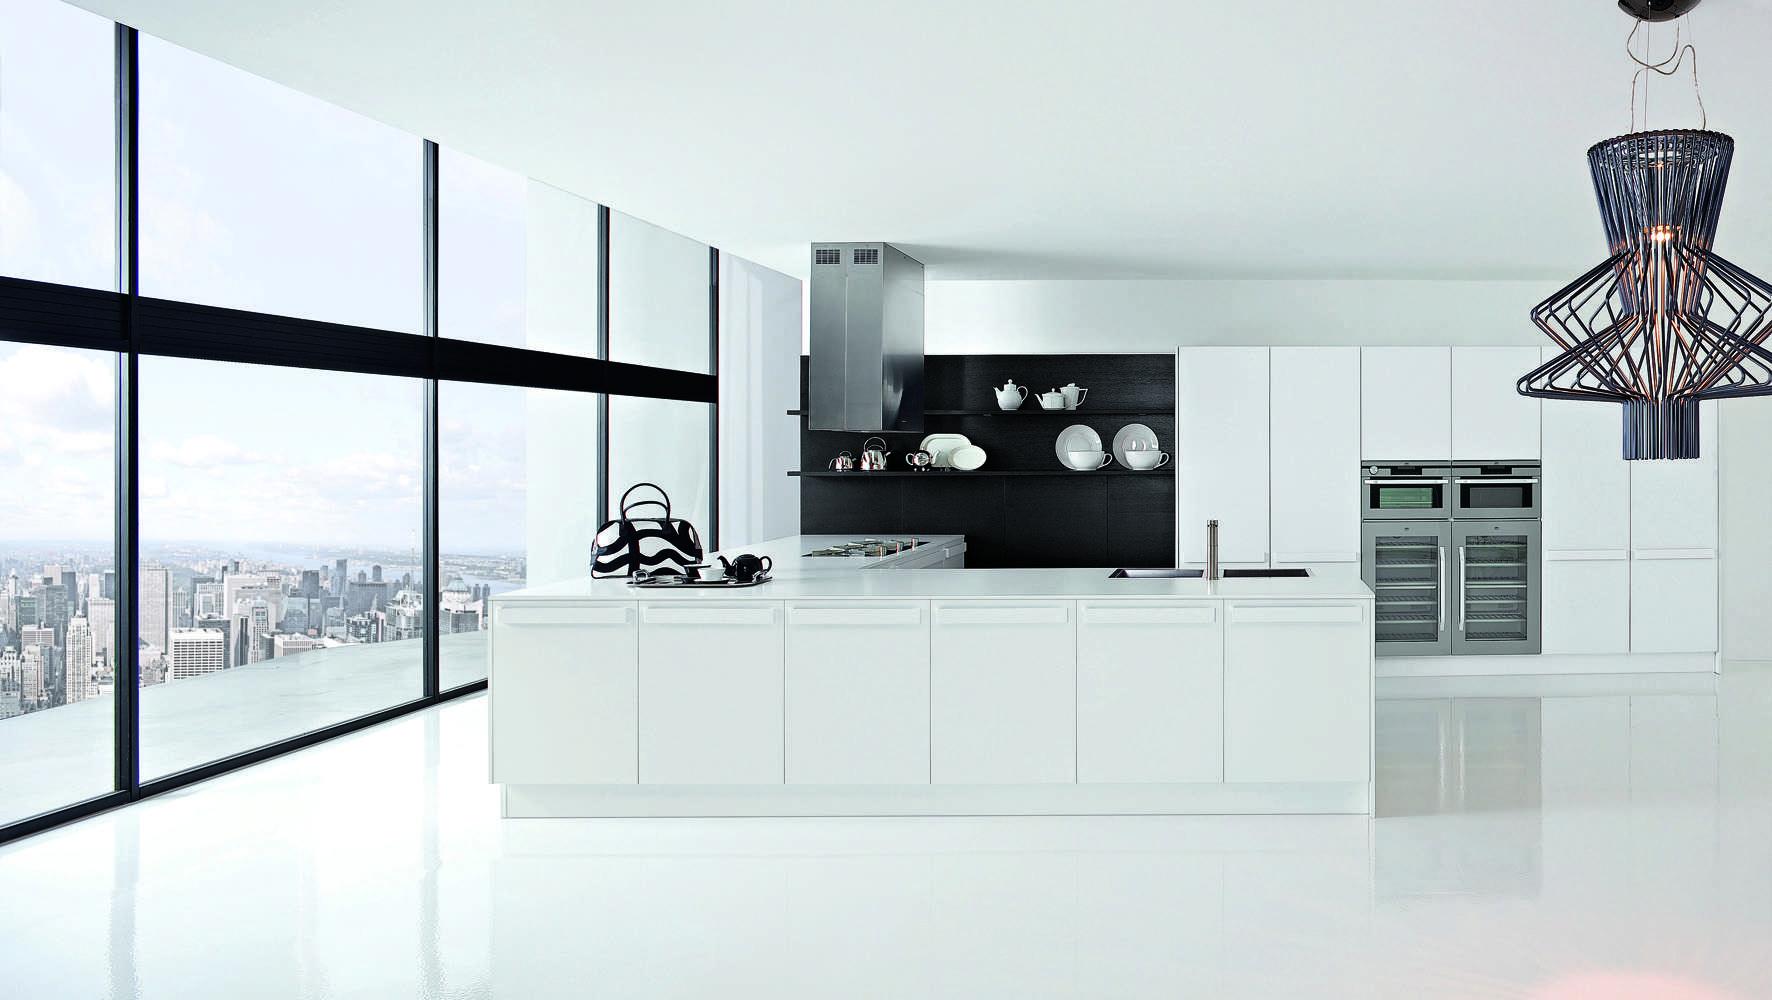 Arredamento e mobili per cucine a trento metrocubo for Trento arredamenti